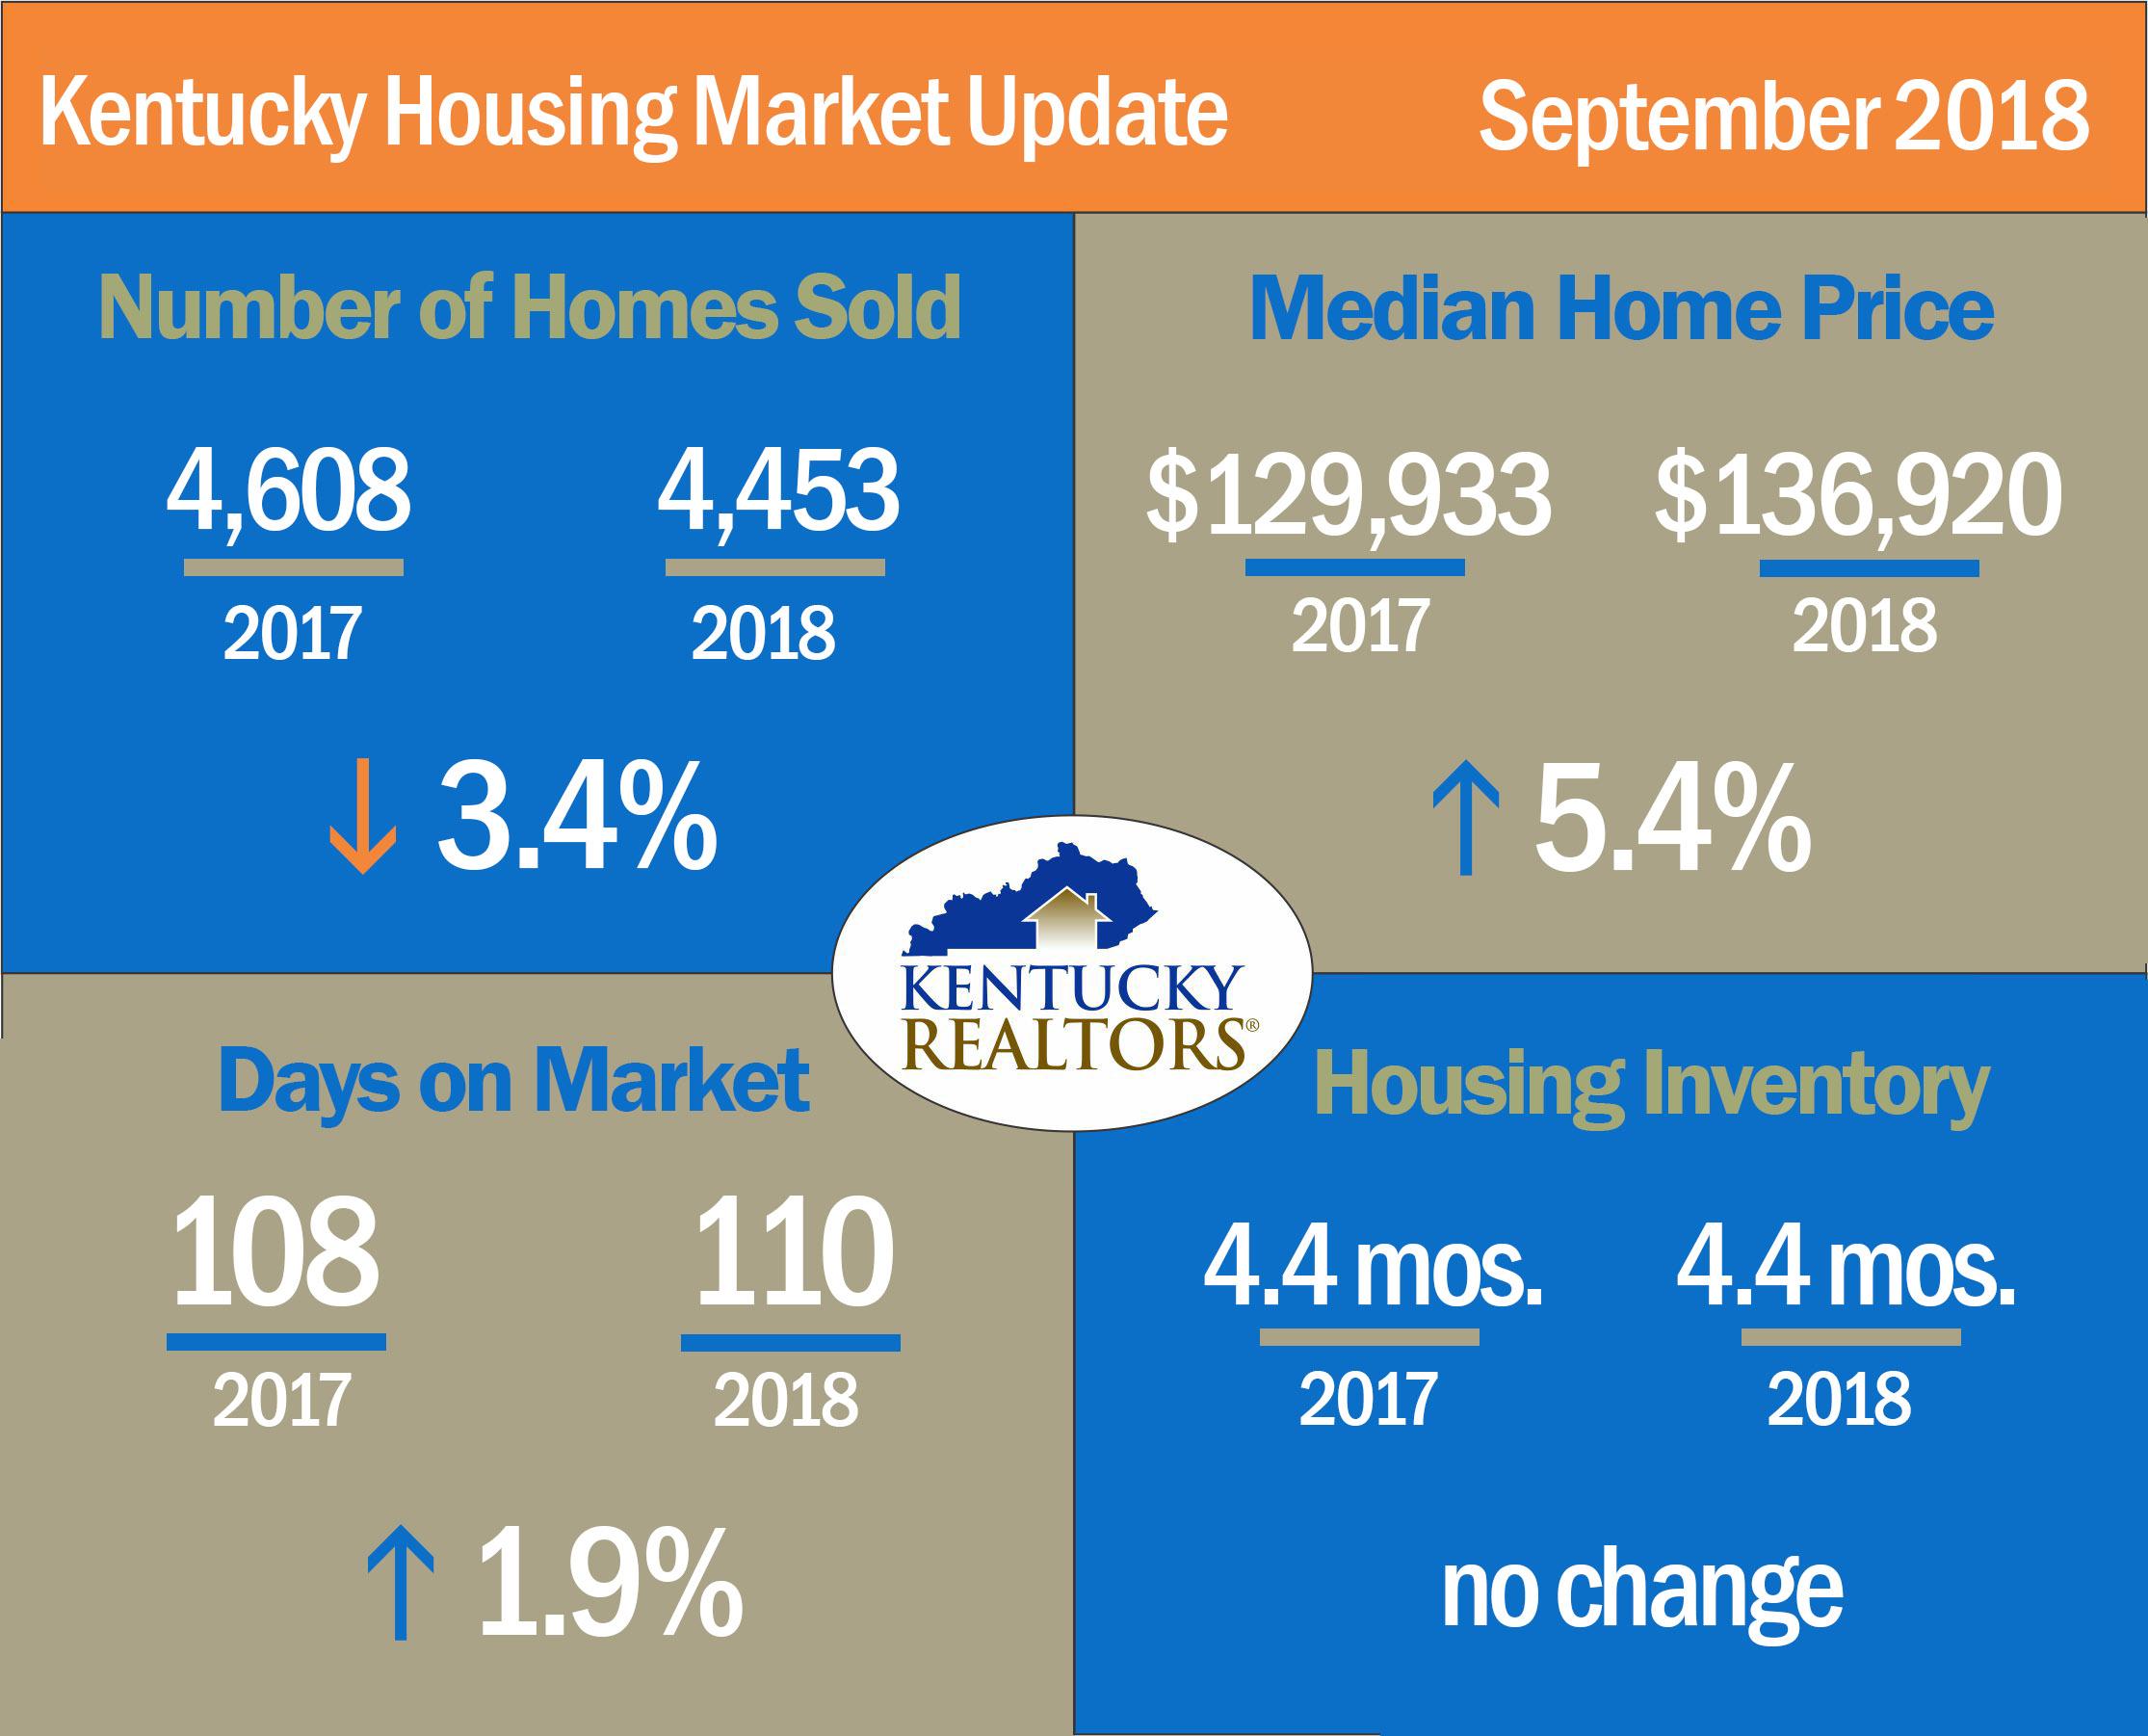 Kentucky Housing Market Update